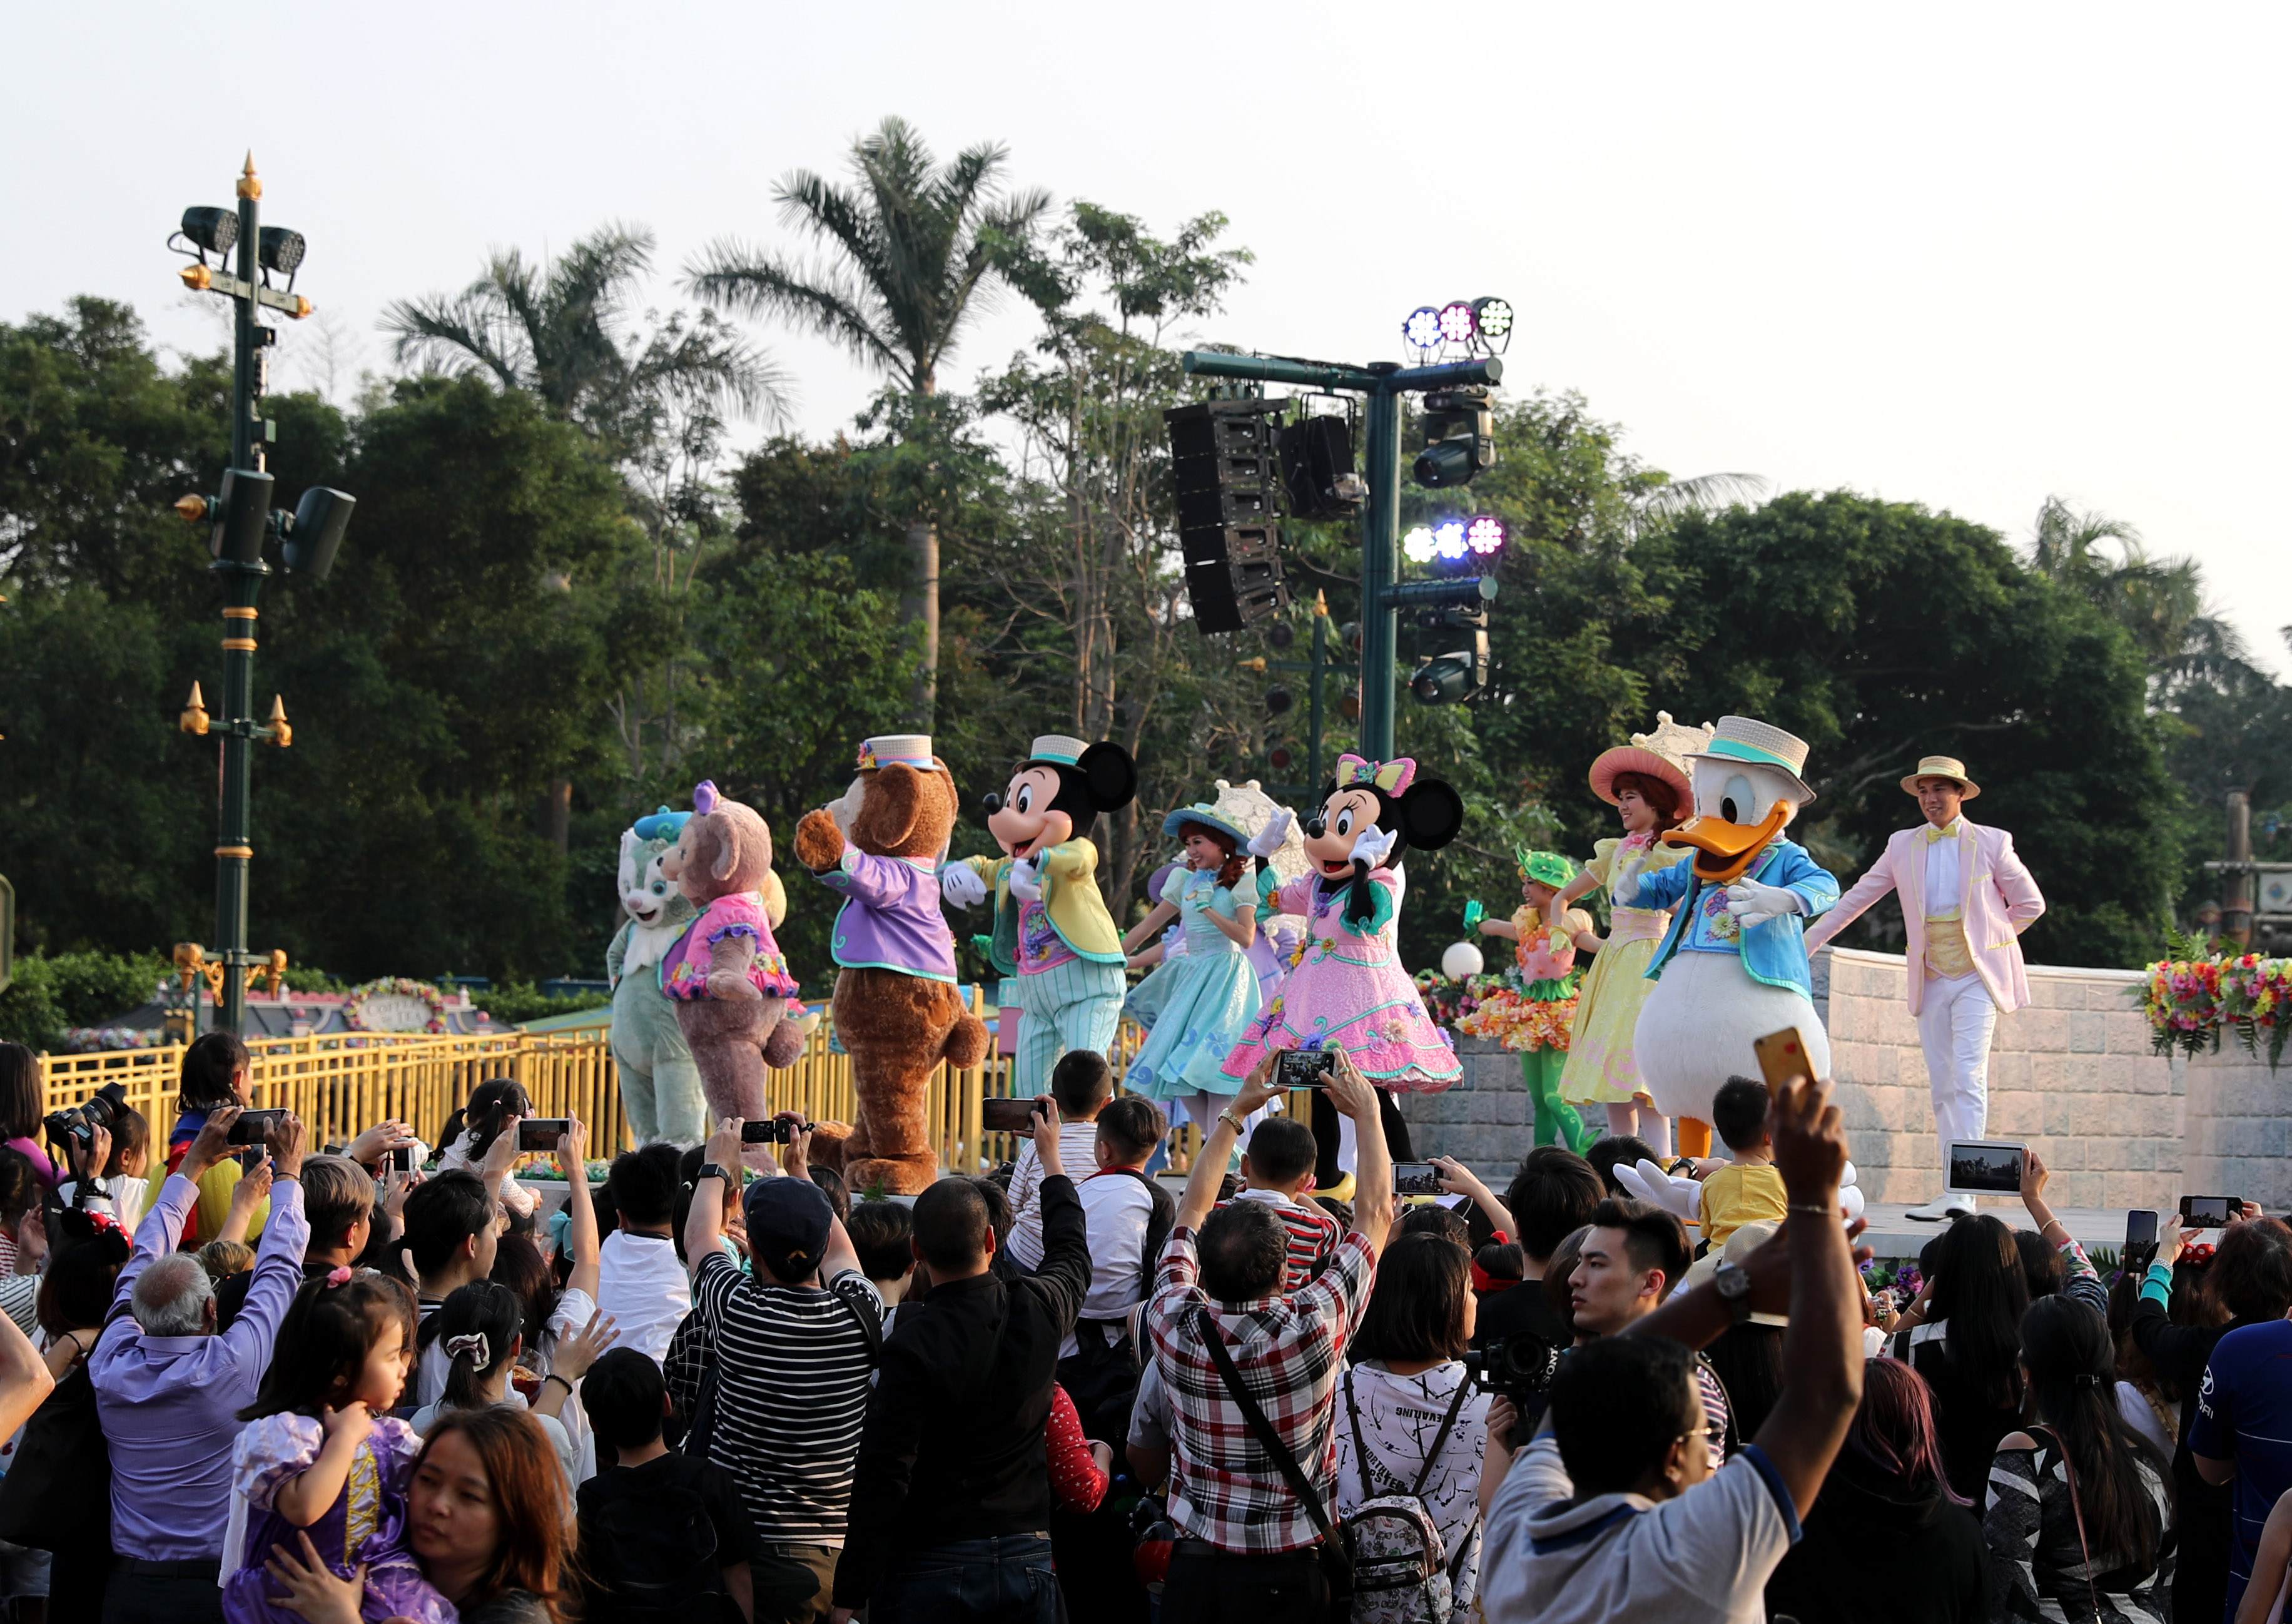 香港迪士尼2019财政年度净亏损达1.05亿港元